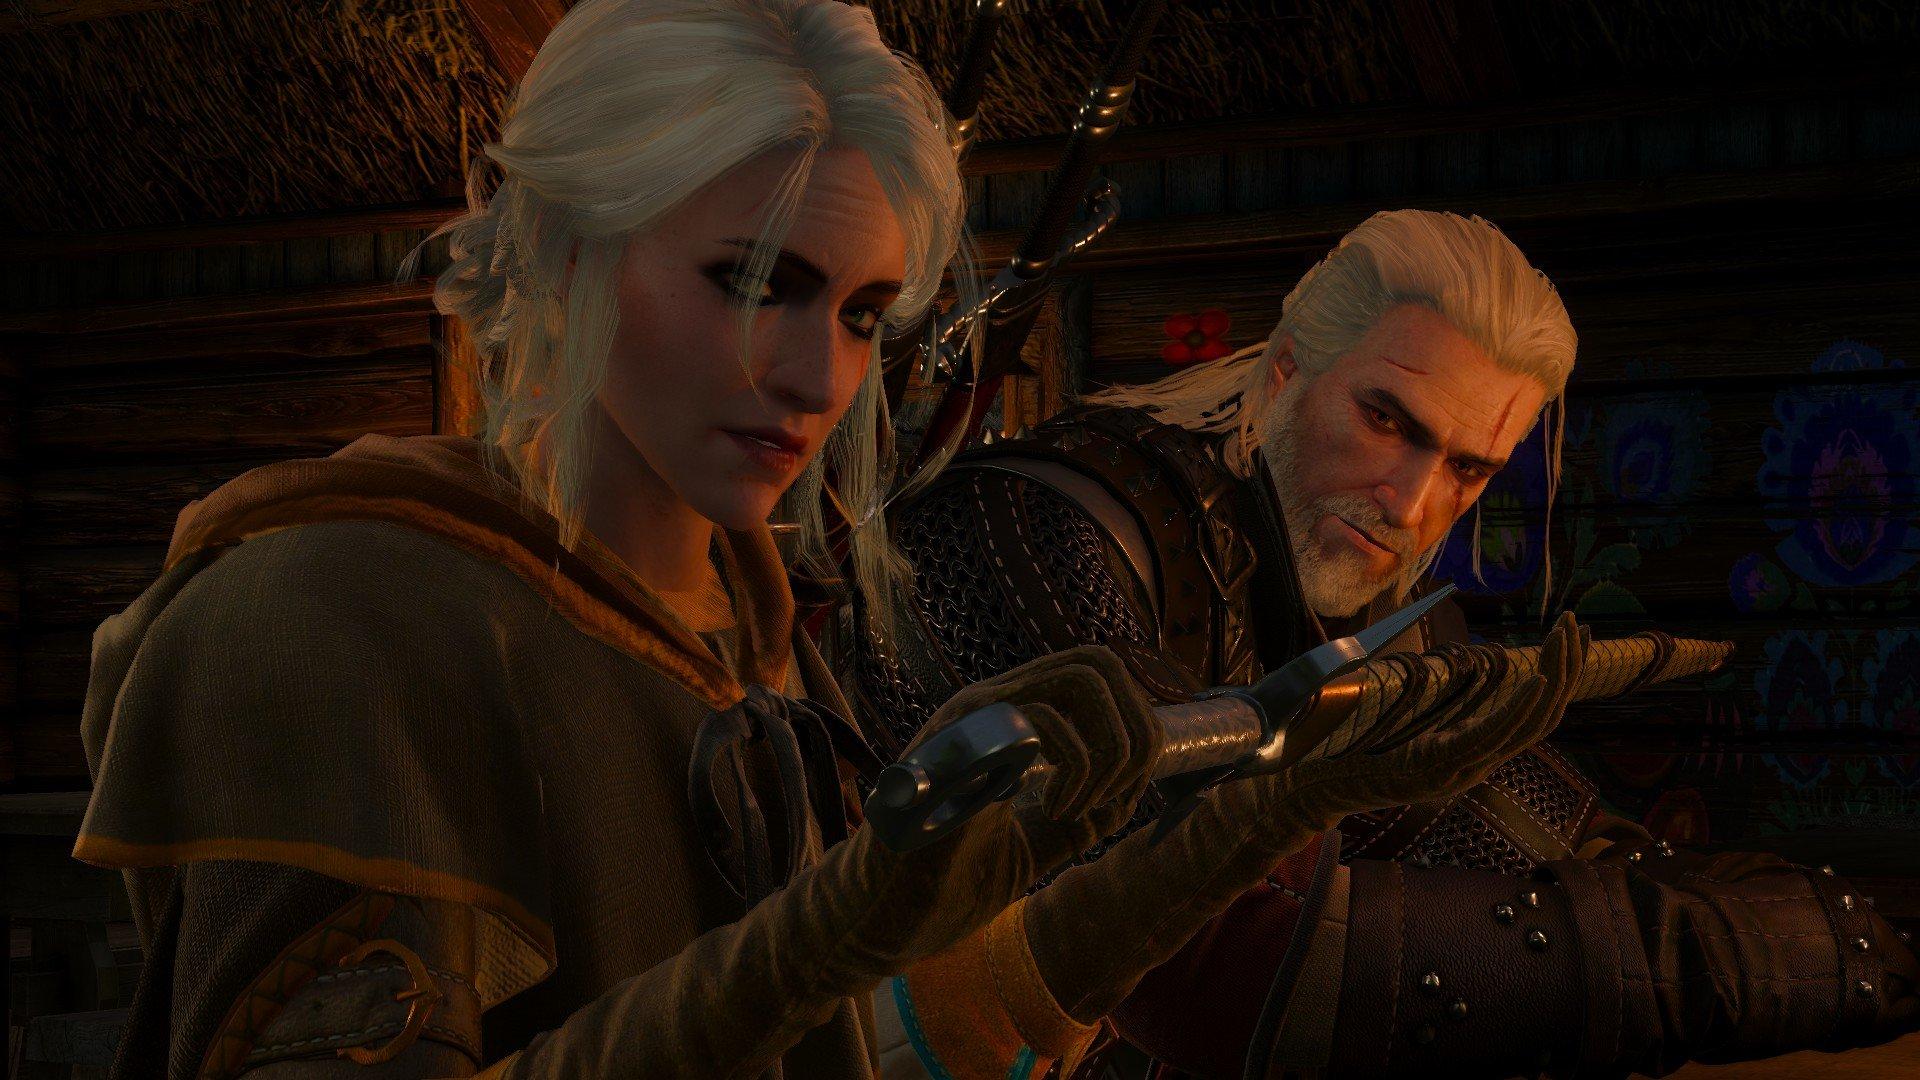 The Witcher 3: Wild Hunt. Список изменений патча 1.10. Часть 1.    Совсем недавно вышел патч 1.10. Патч включает в с ... - Изображение 7